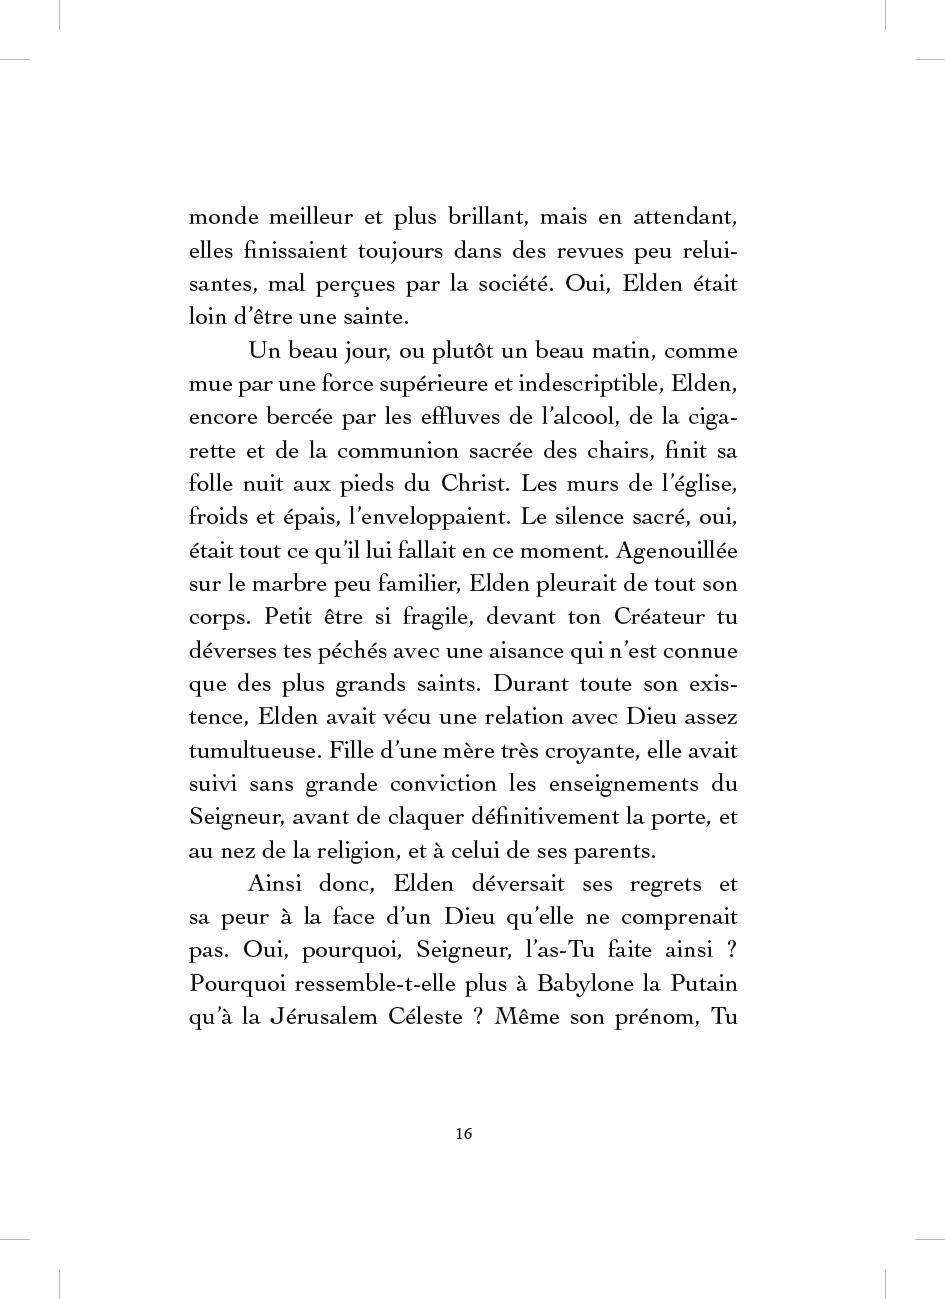 Noir et blanc - page 16